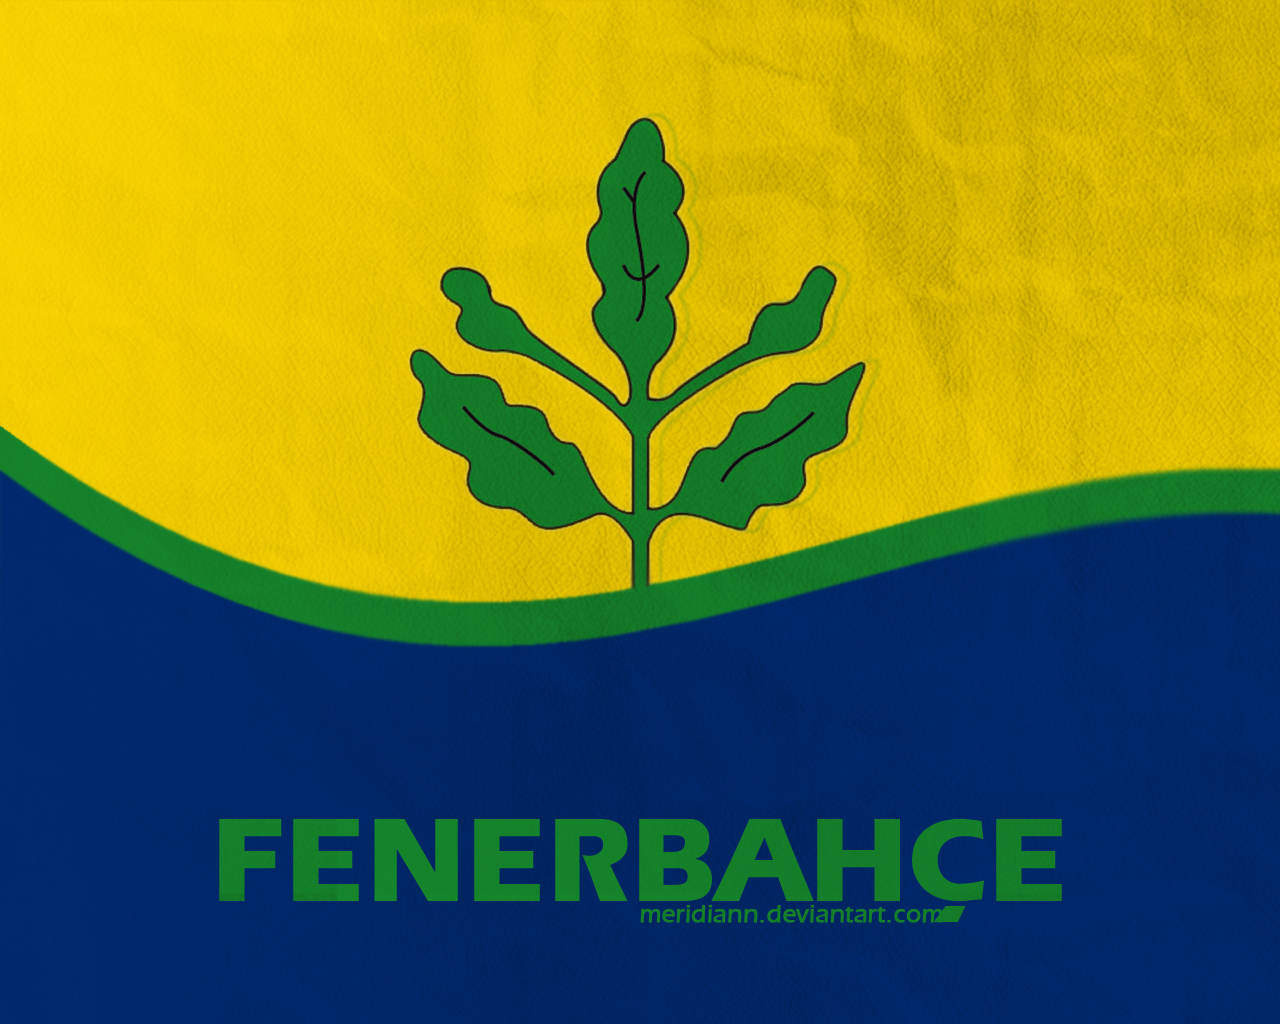 Fenerbahce Wallpaper By Meridiann On DeviantArt